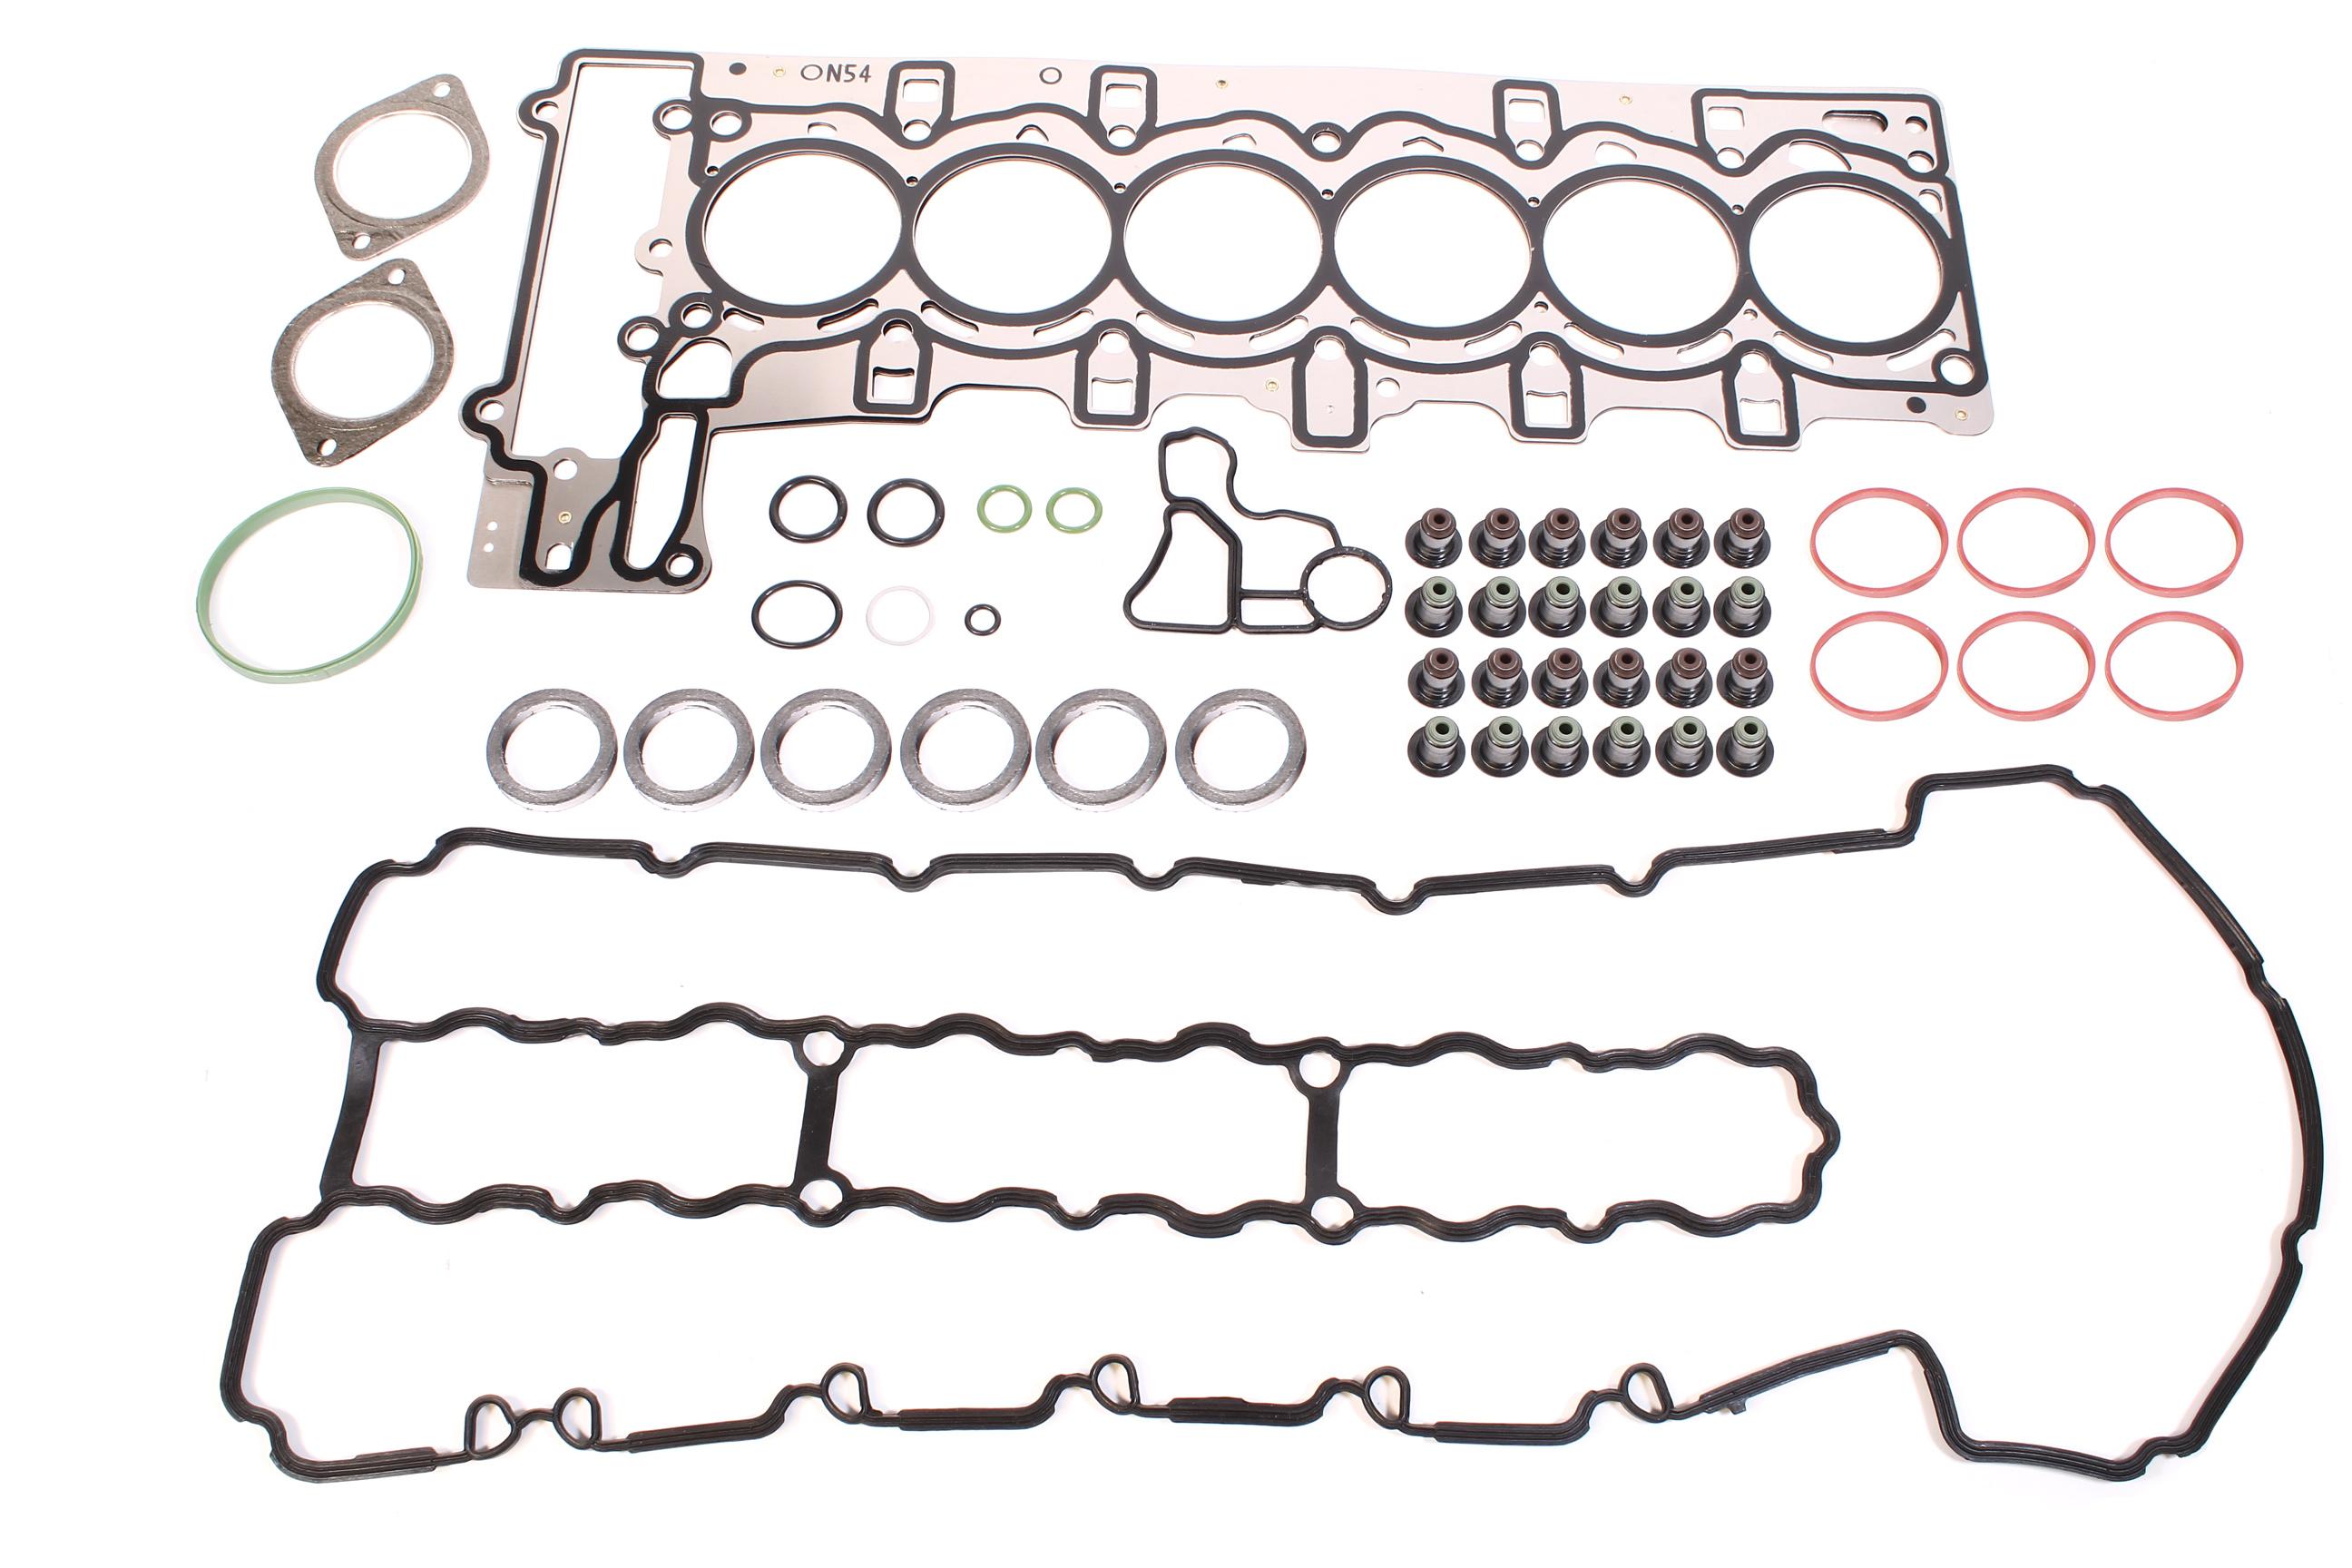 Dichtungssatz Zylinderkopfdichtung BMW 1er E81 E82 E88 135 i 3,0 N54 N54B30A NEU